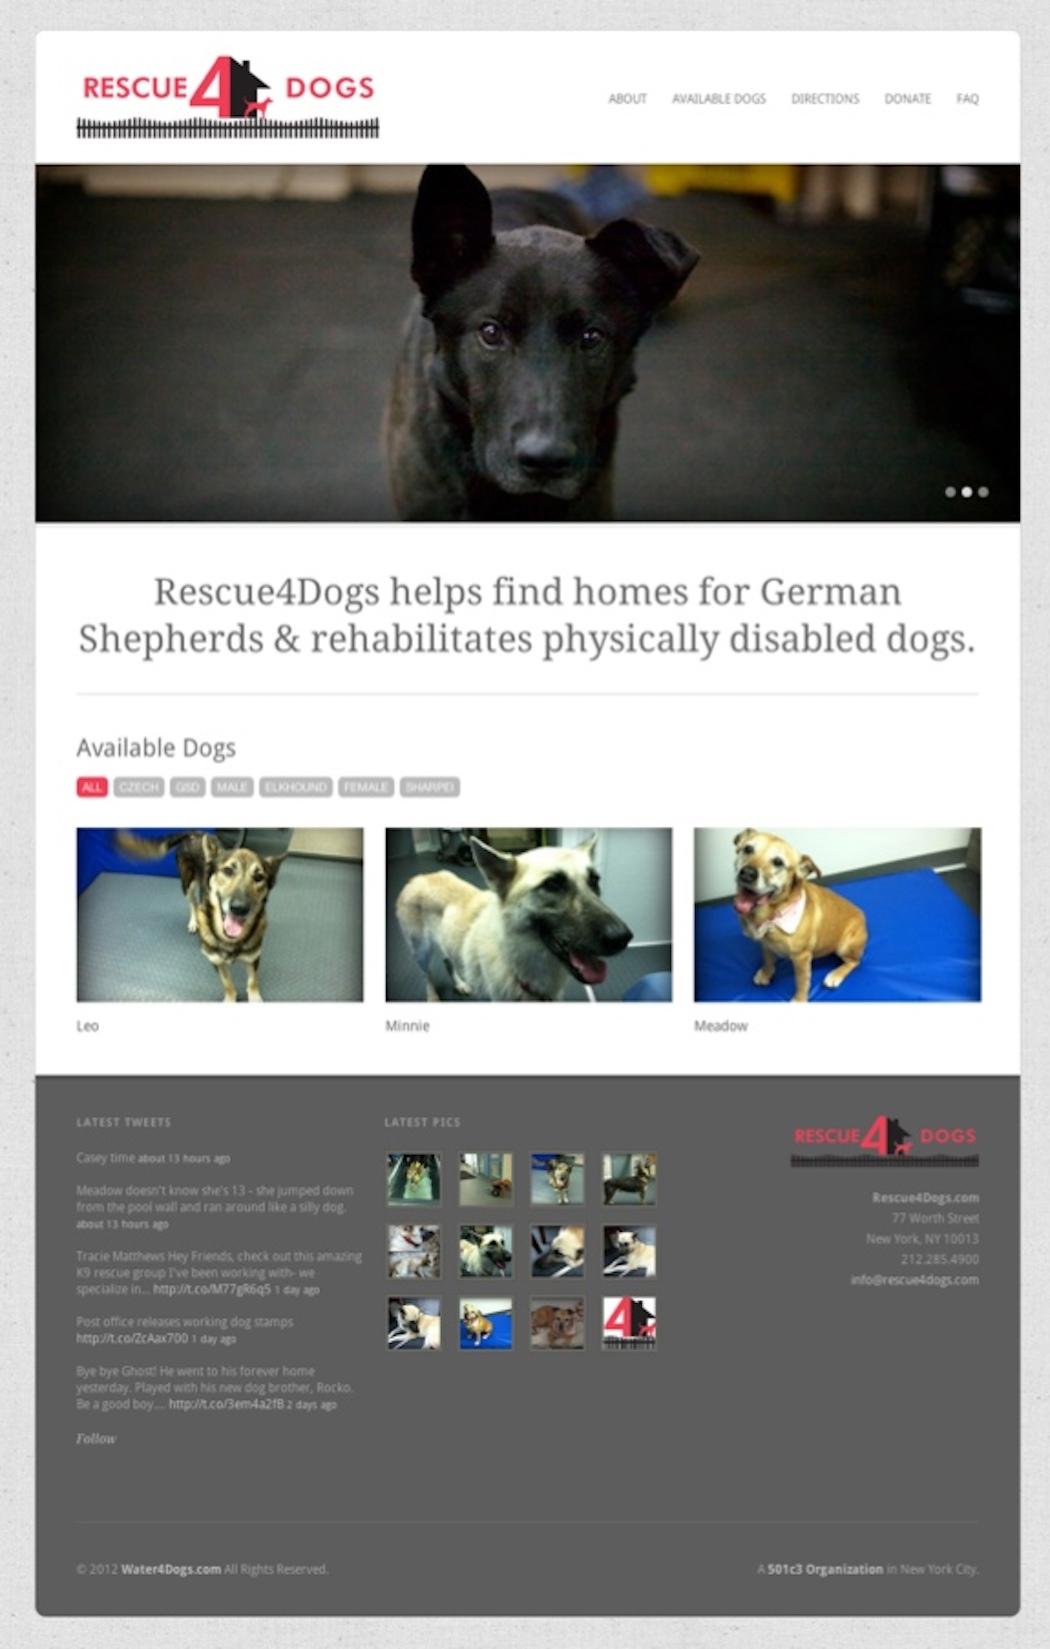 Rescue4Dogs